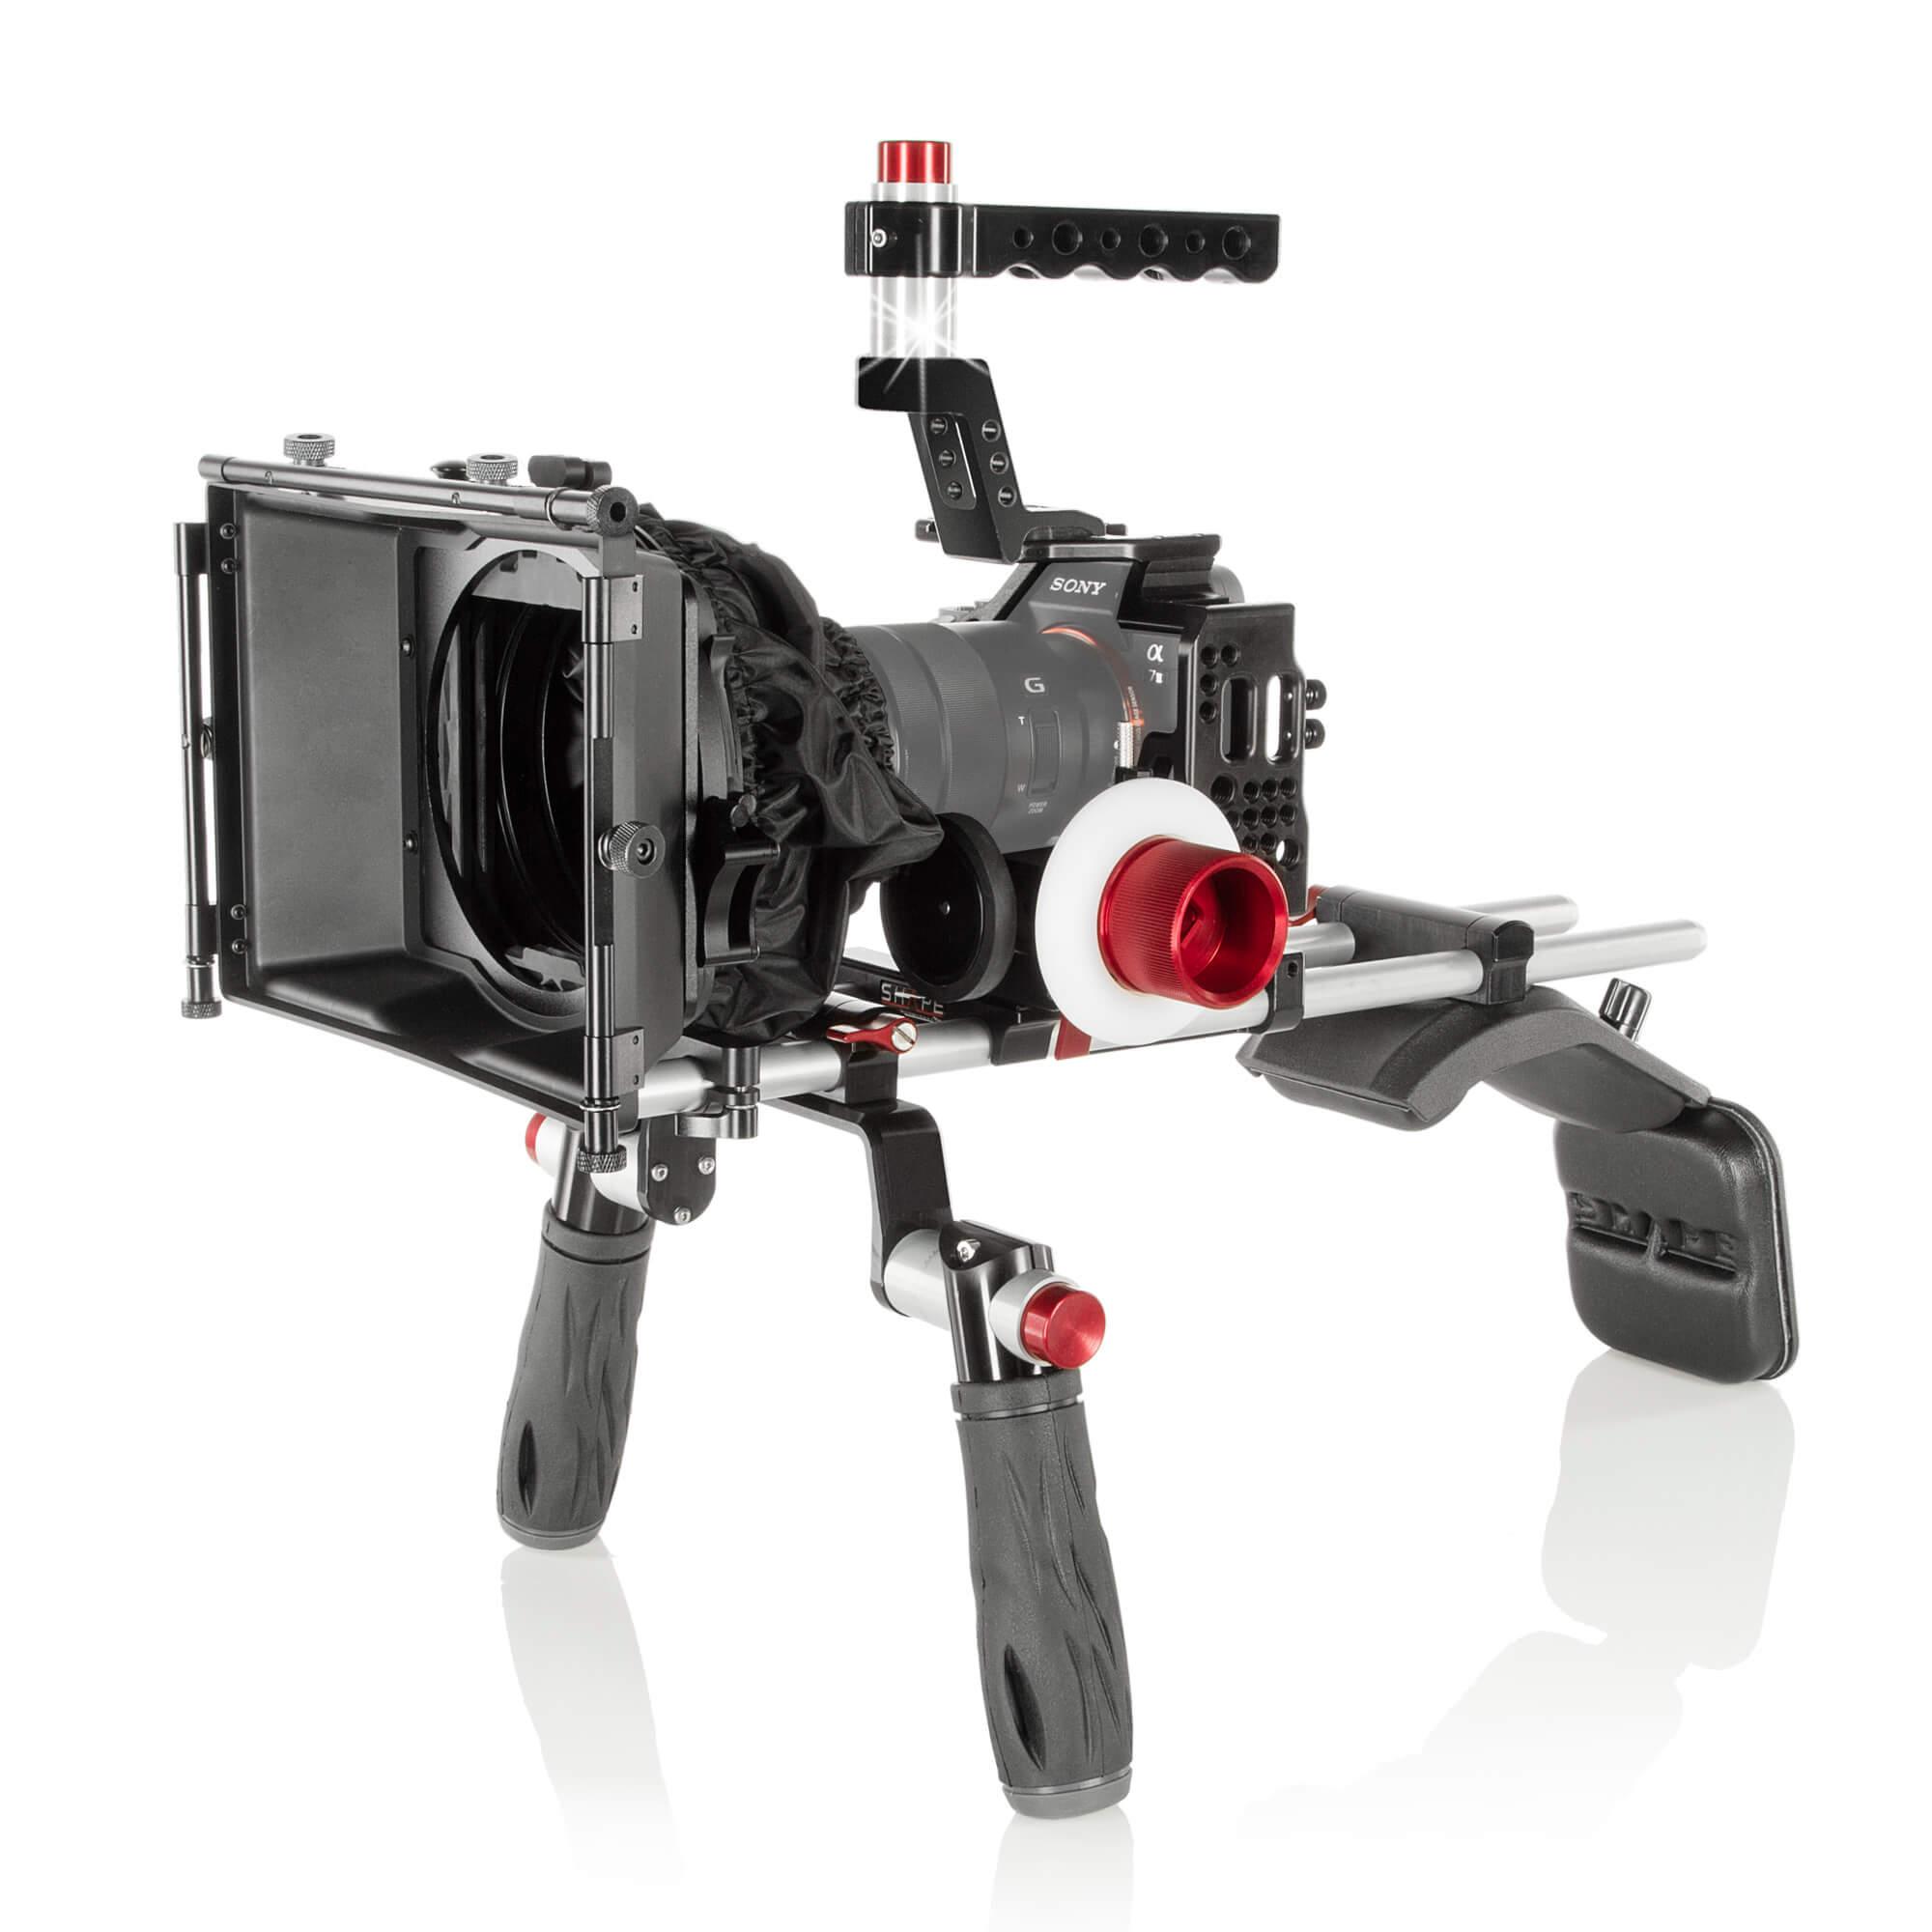 Sony A7S II - A7R II - A7 II shoulder mount matte box follow